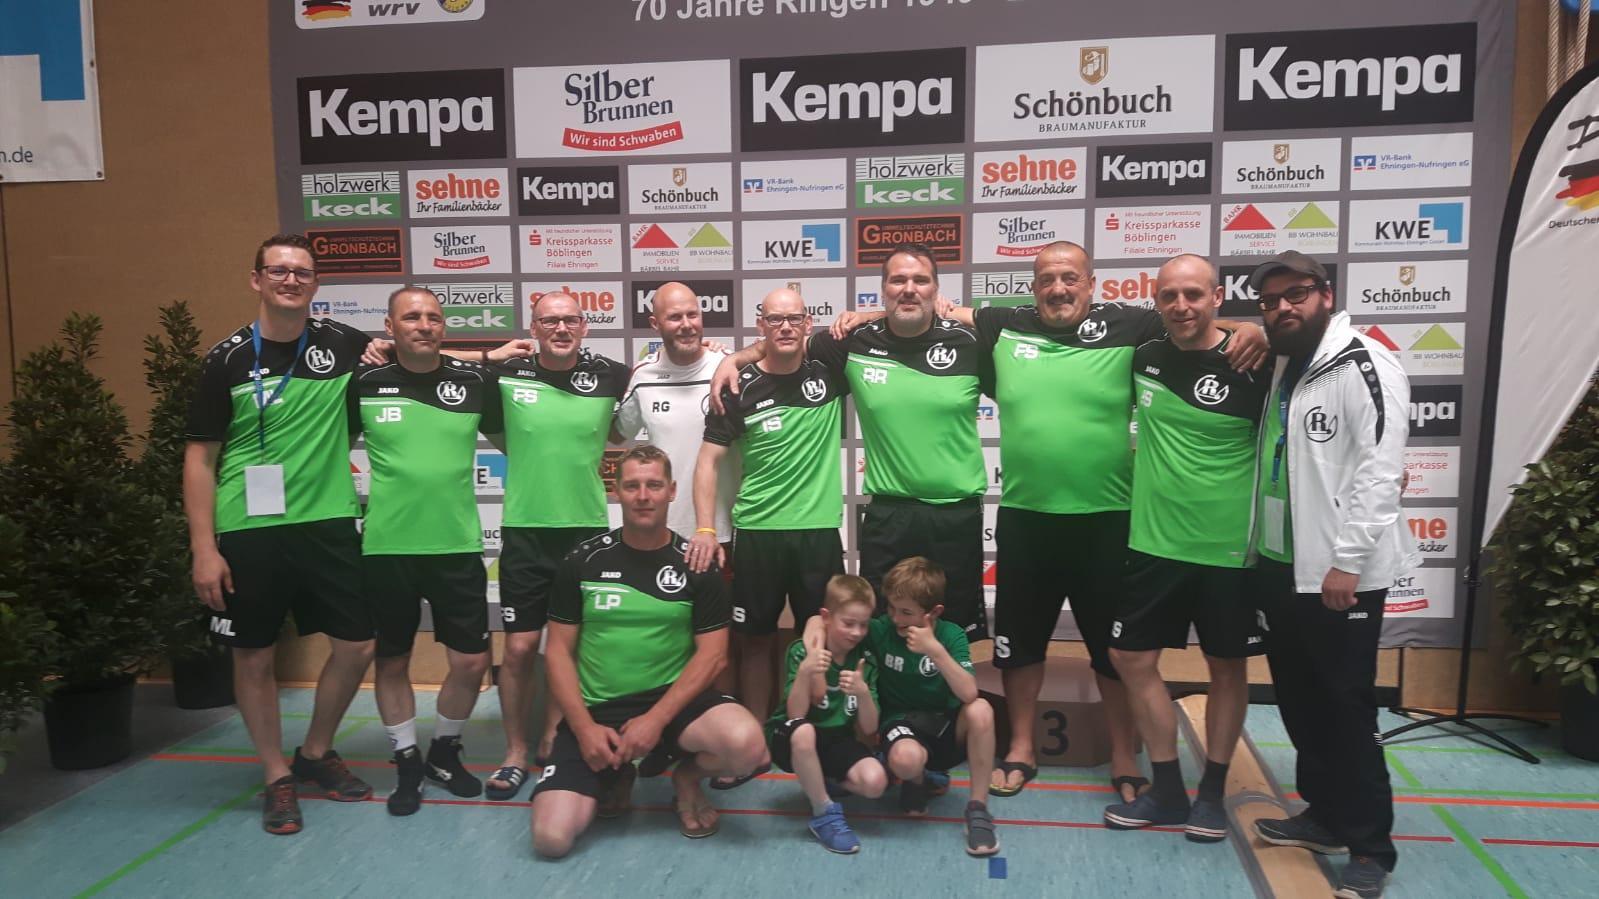 -Reloaded- Team freuen sich auf tolle Kämpfe bei den German Masters im Ringen.